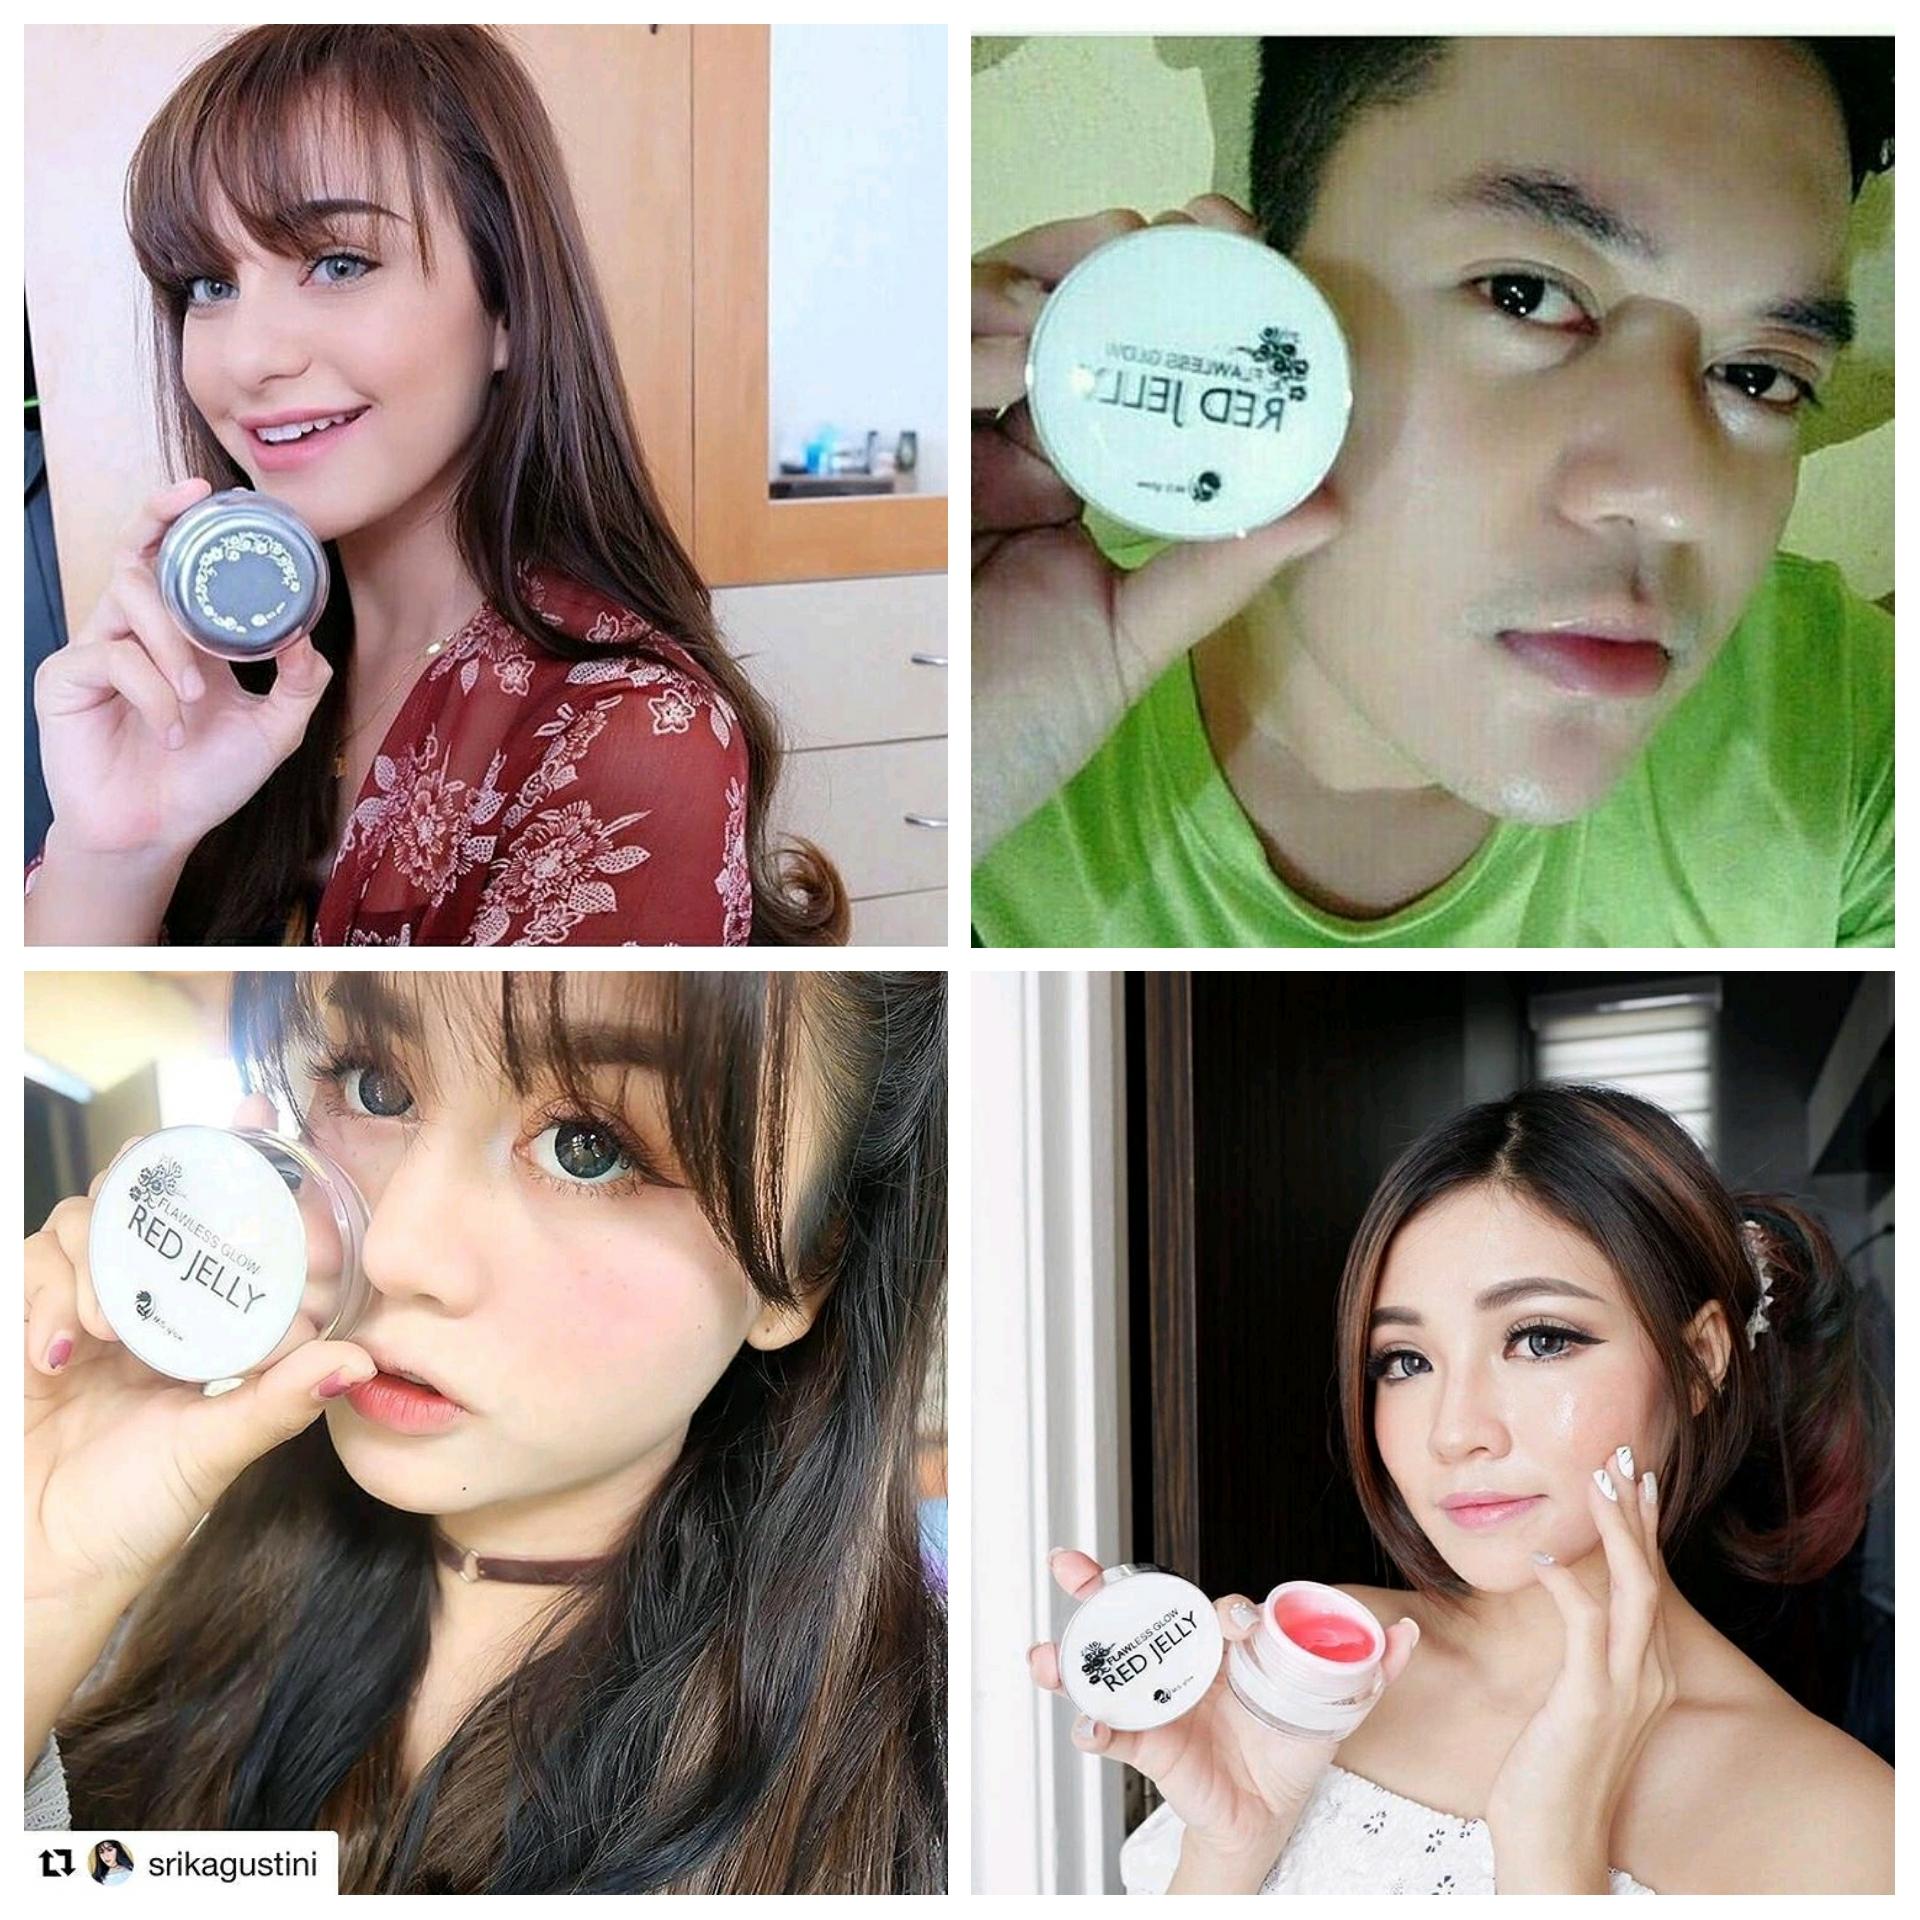 ms glow skincare membuat wajah makin sehat